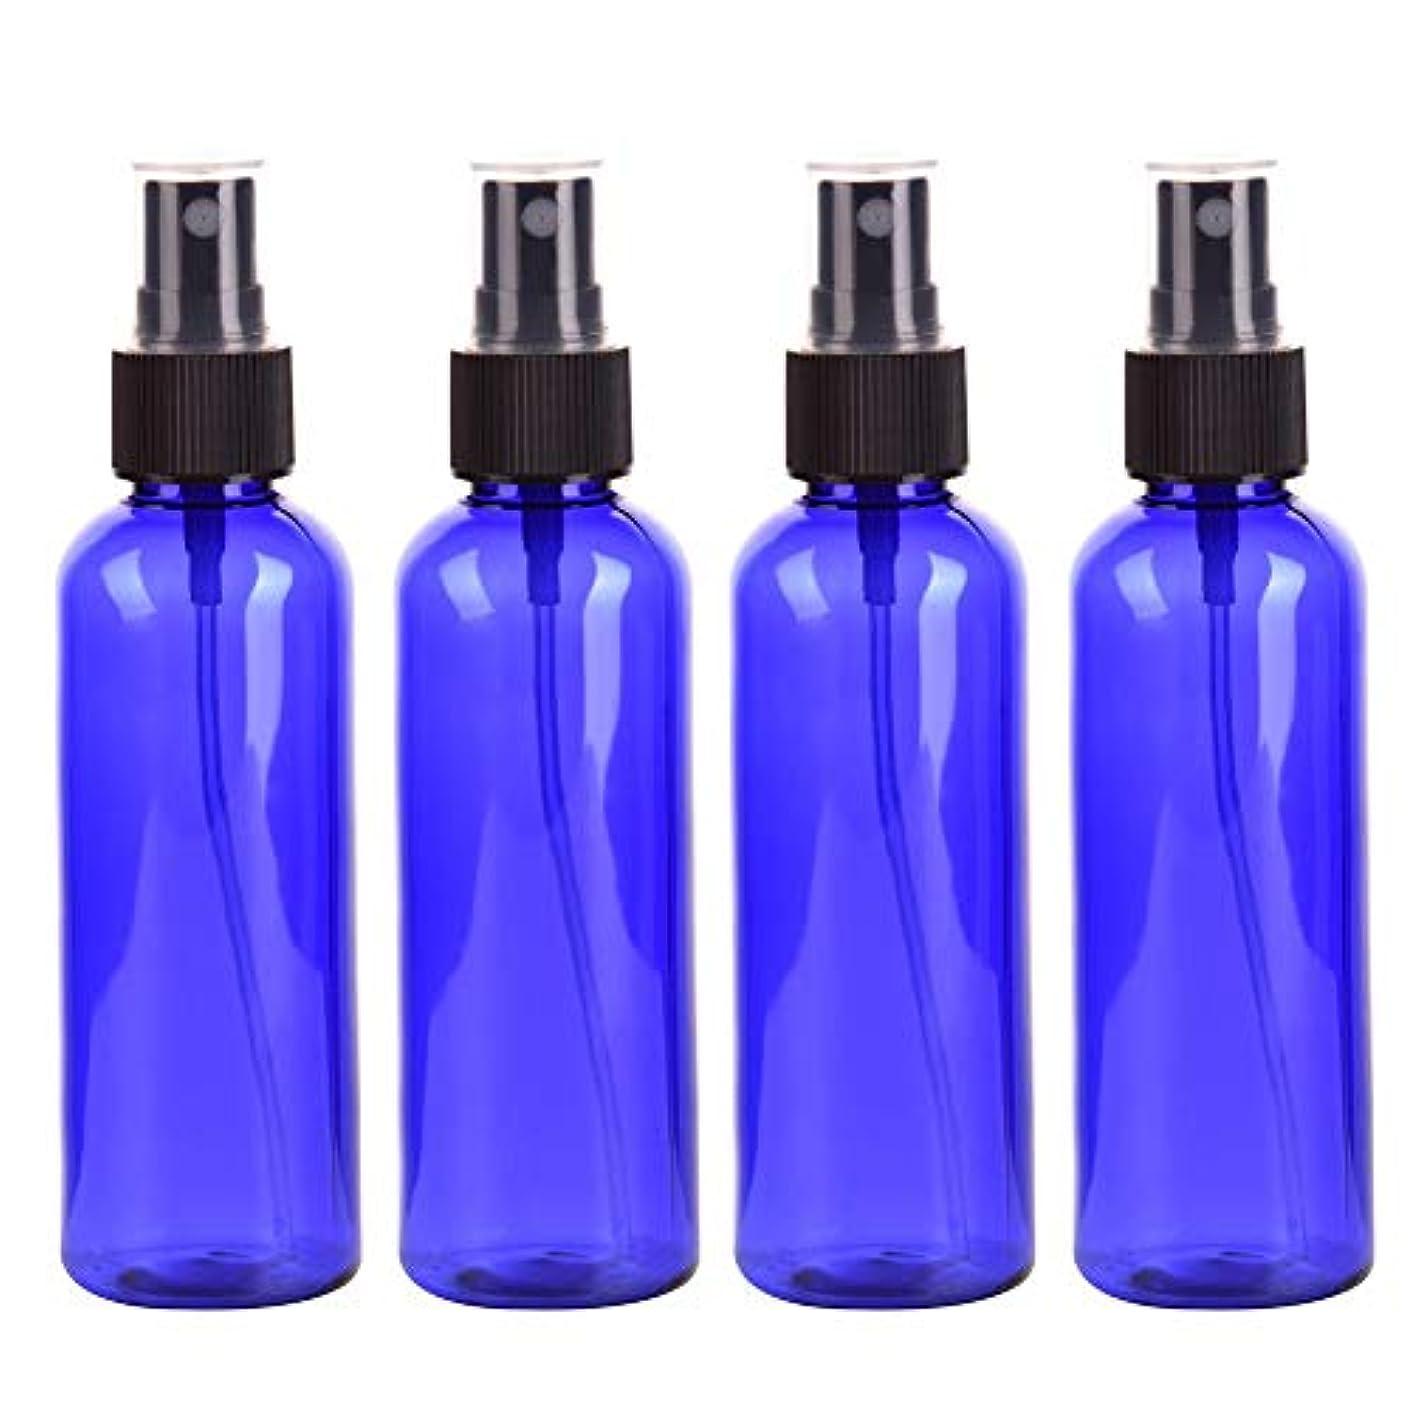 ほのか薬化学者4本セット スプレーボトル 3色おしゃれ PETボトル 100ml (A)